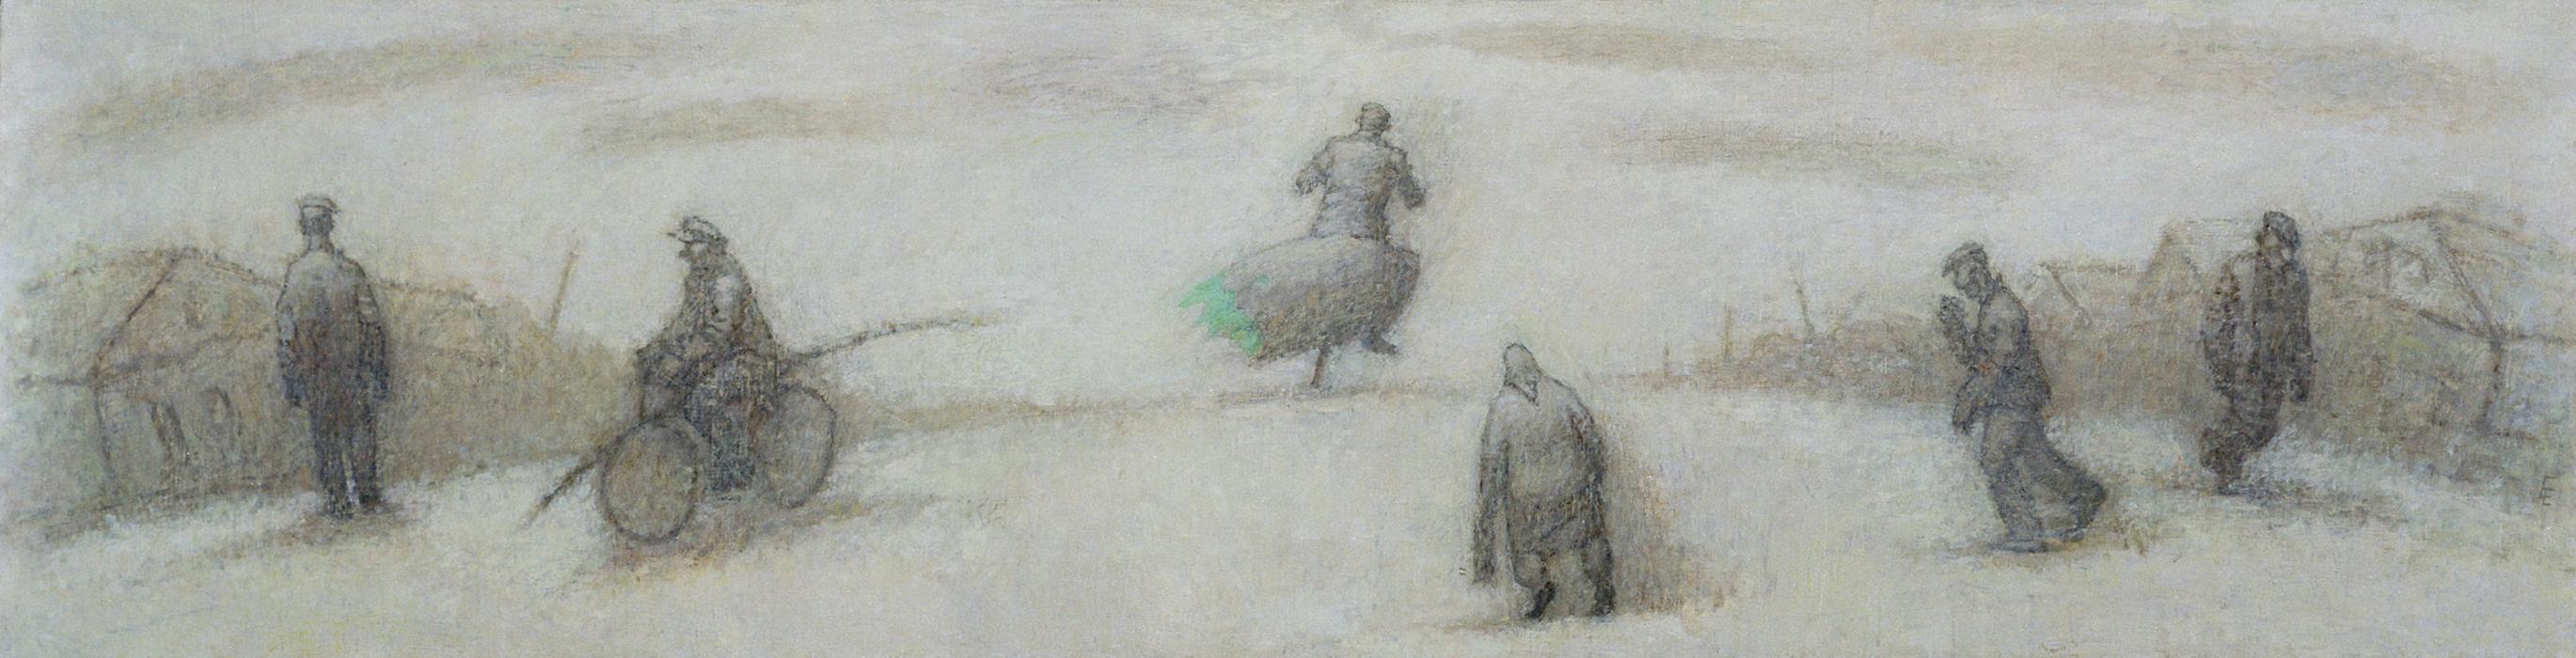 Фото роспись живопись Роспись, живопись